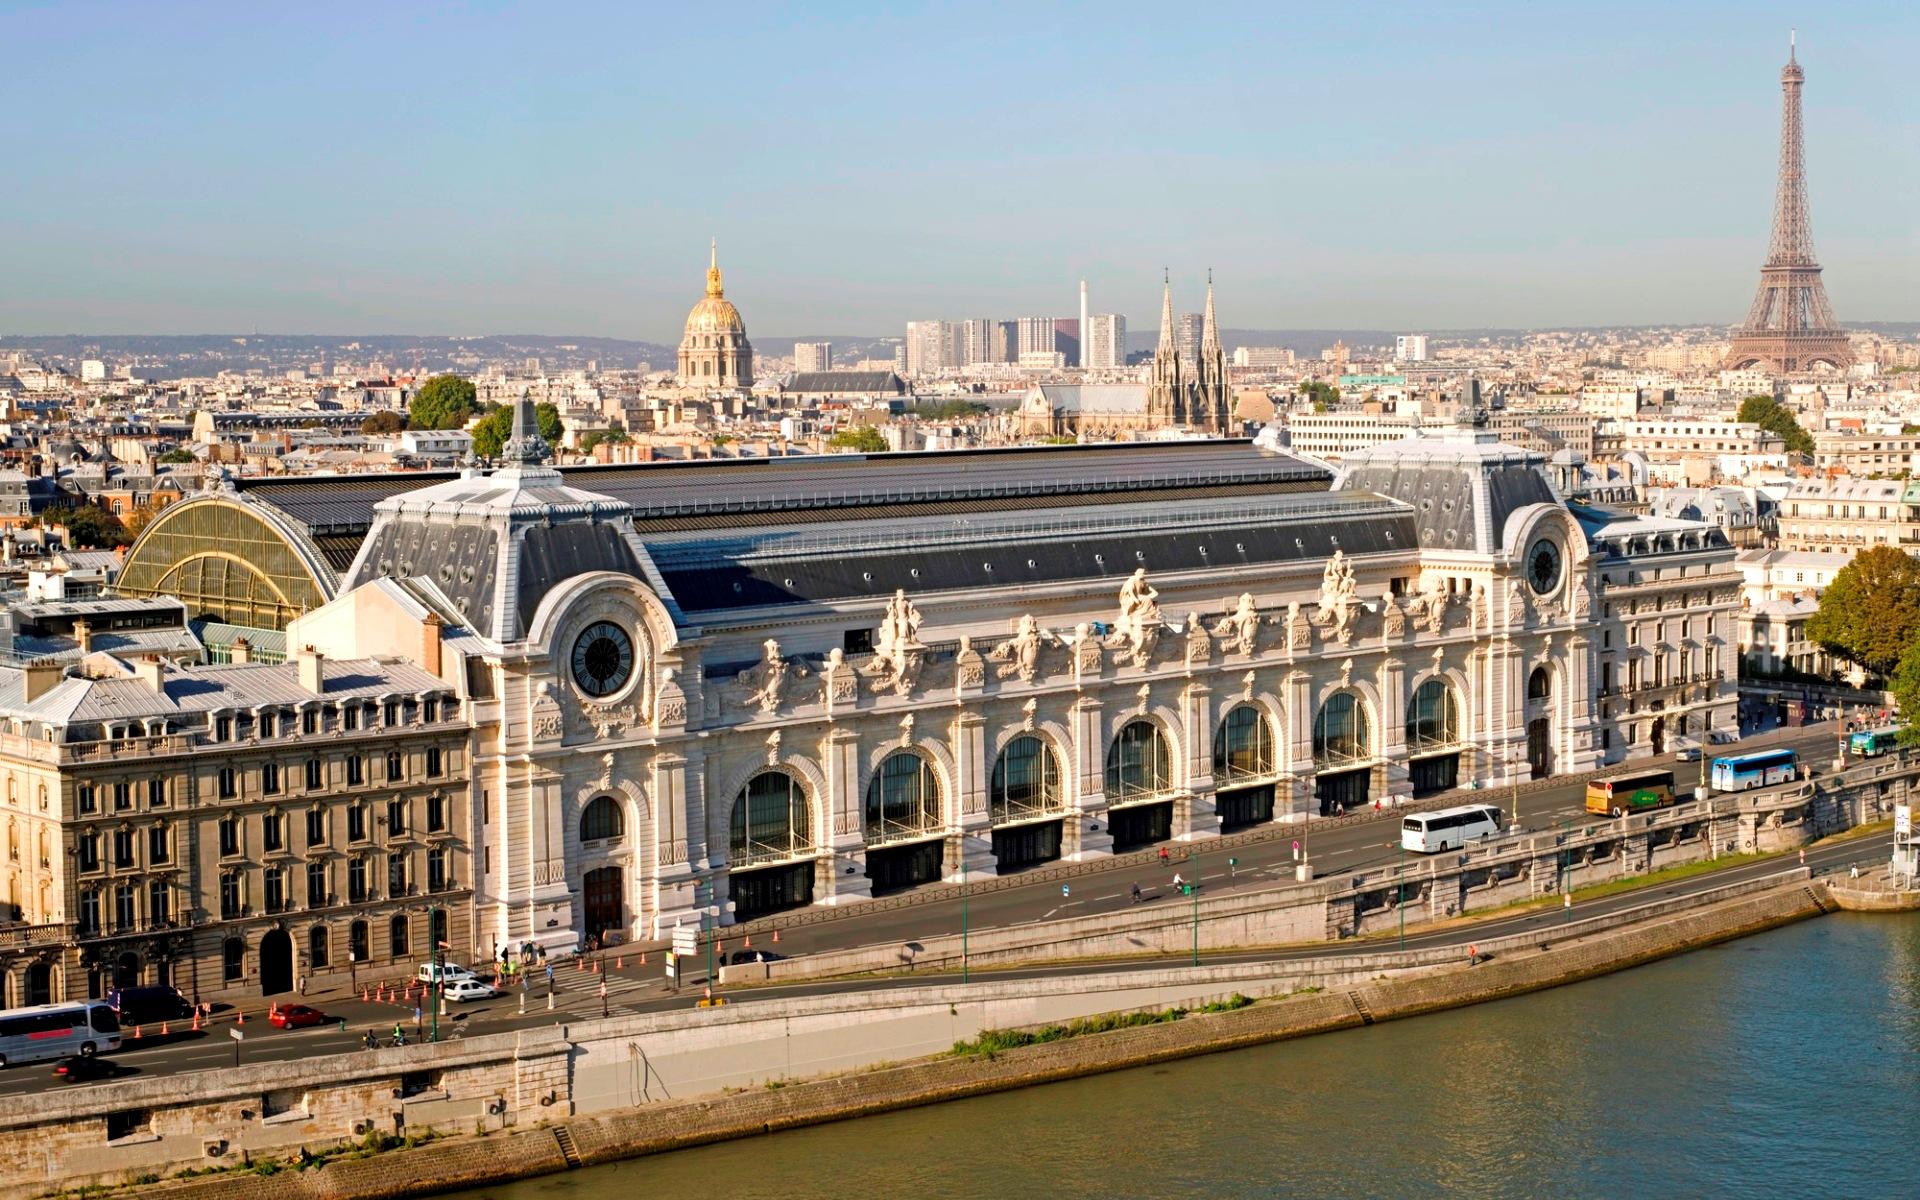 Музей Орсе - музей изобразительных и ...: www.kartinki24.ru/kartinki/muzei/18568.html